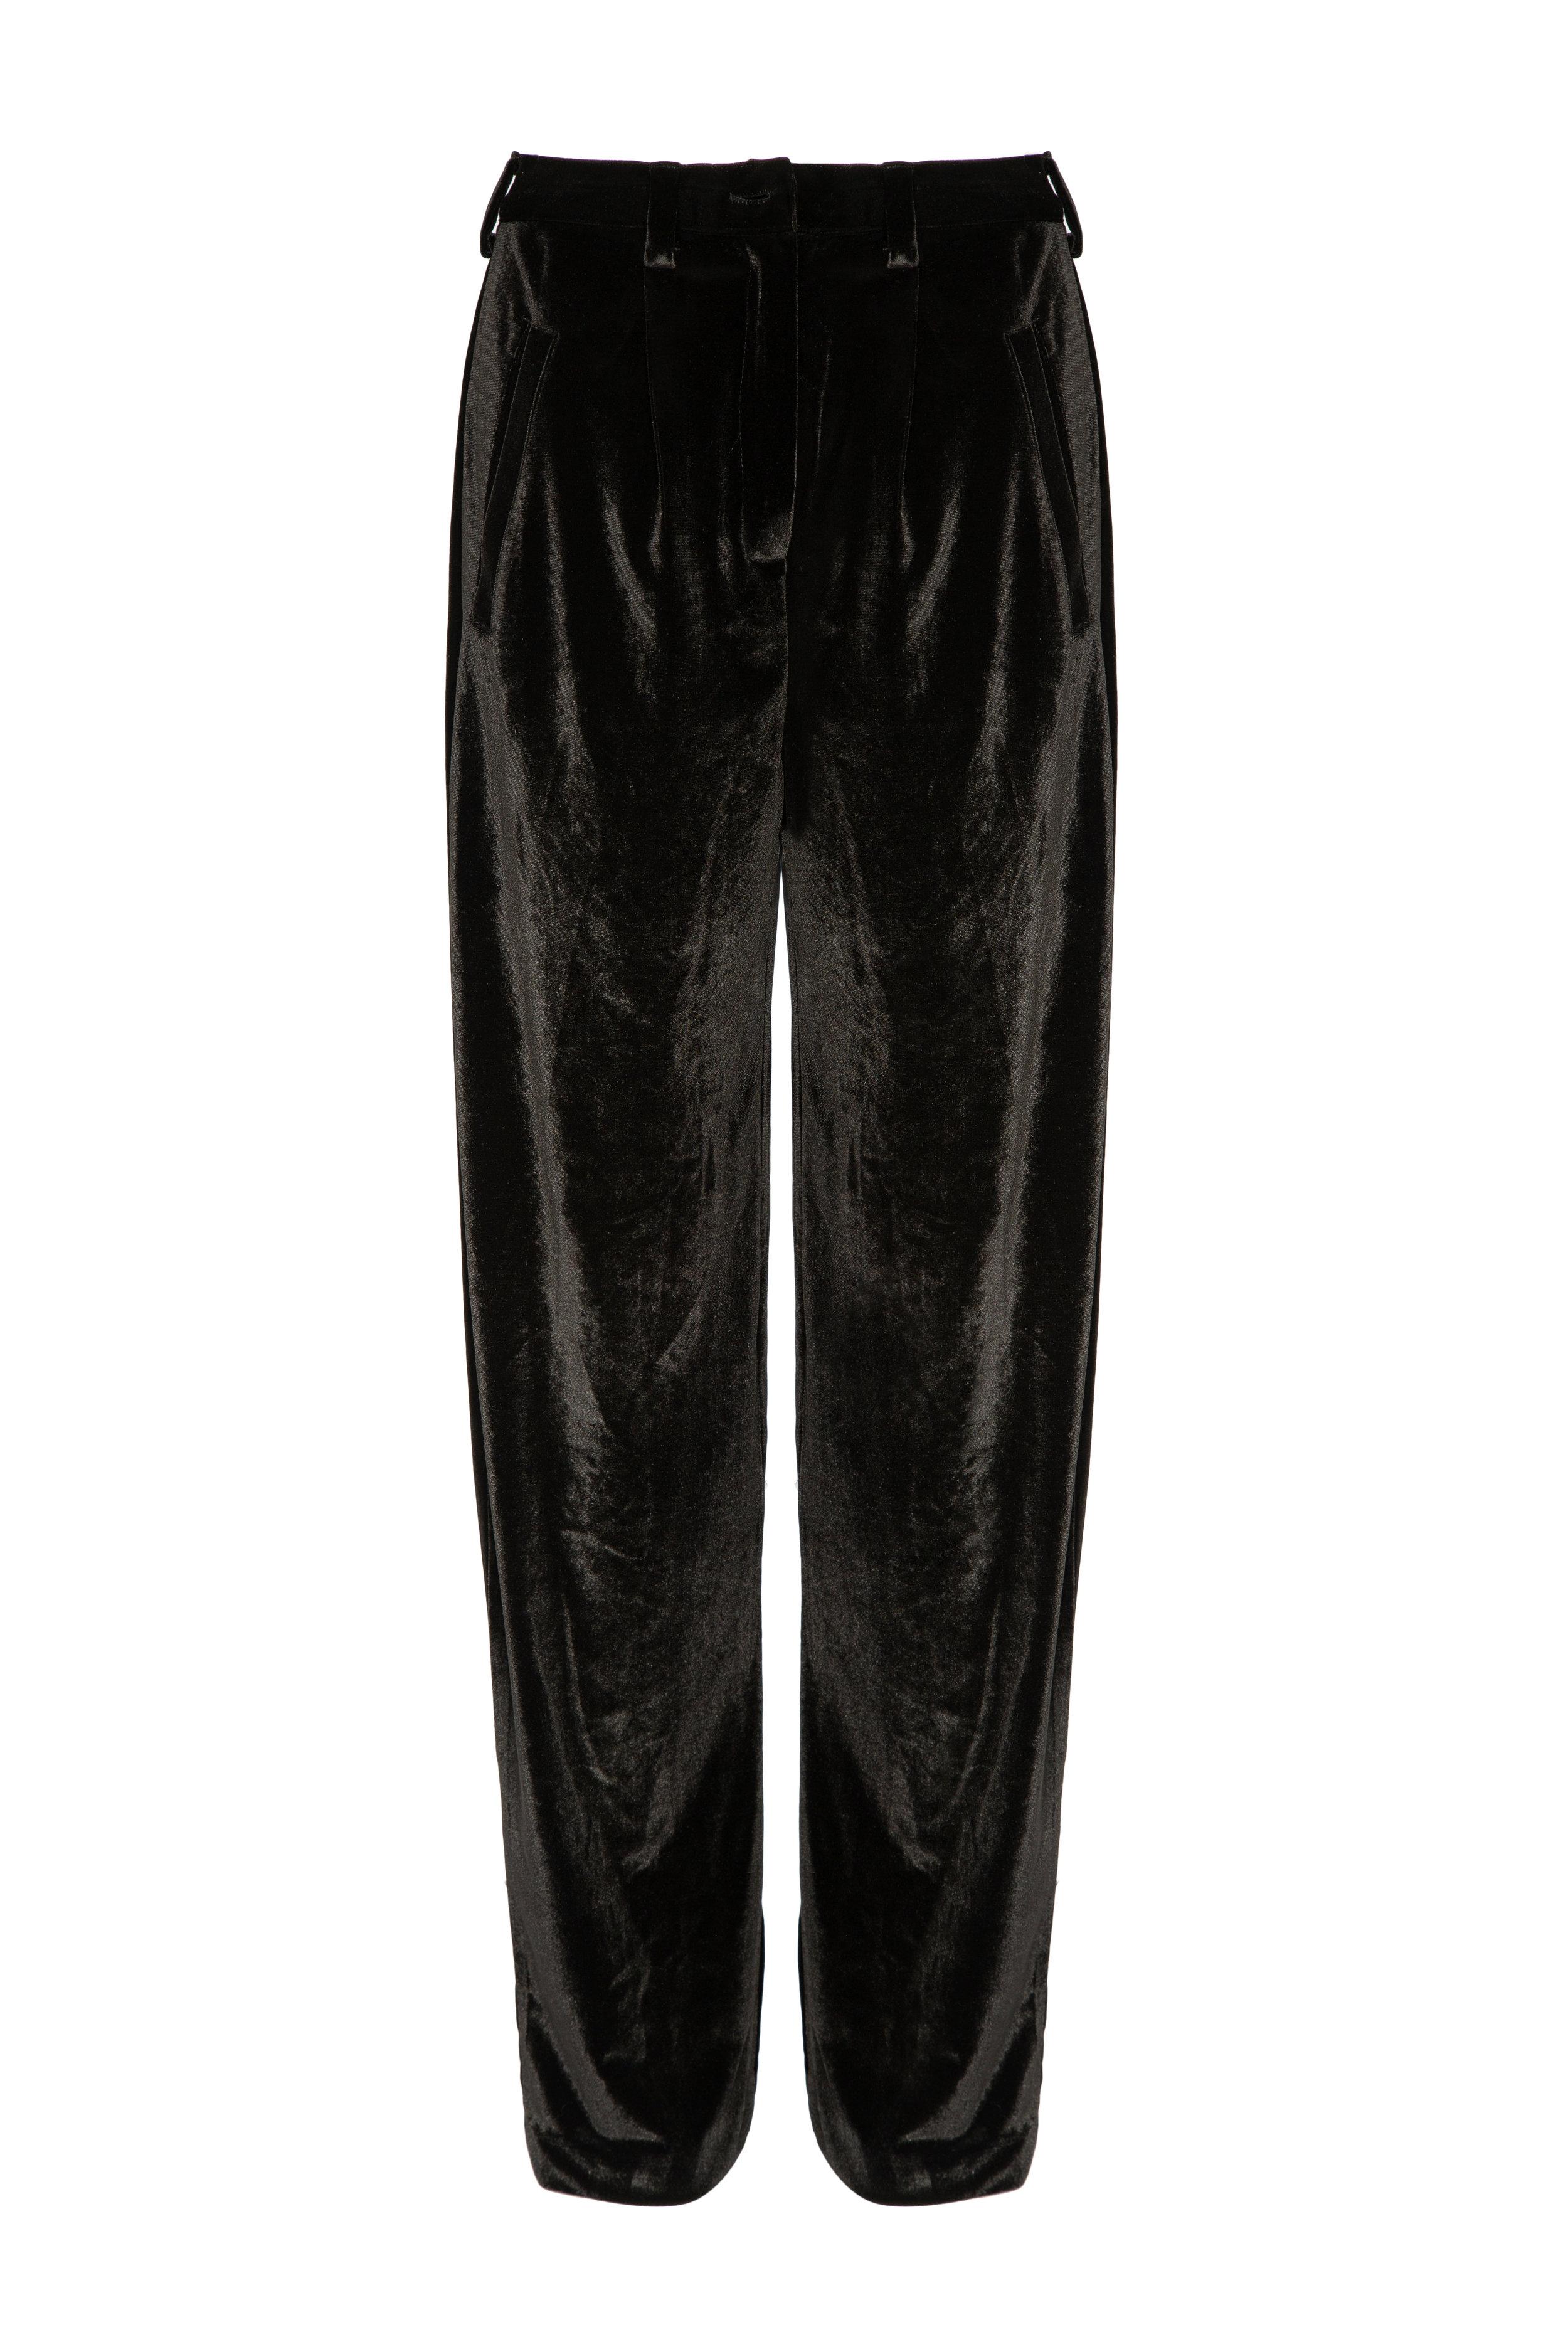 COMPLETE THE LOOK - Liya Velvet Pants 250 USD